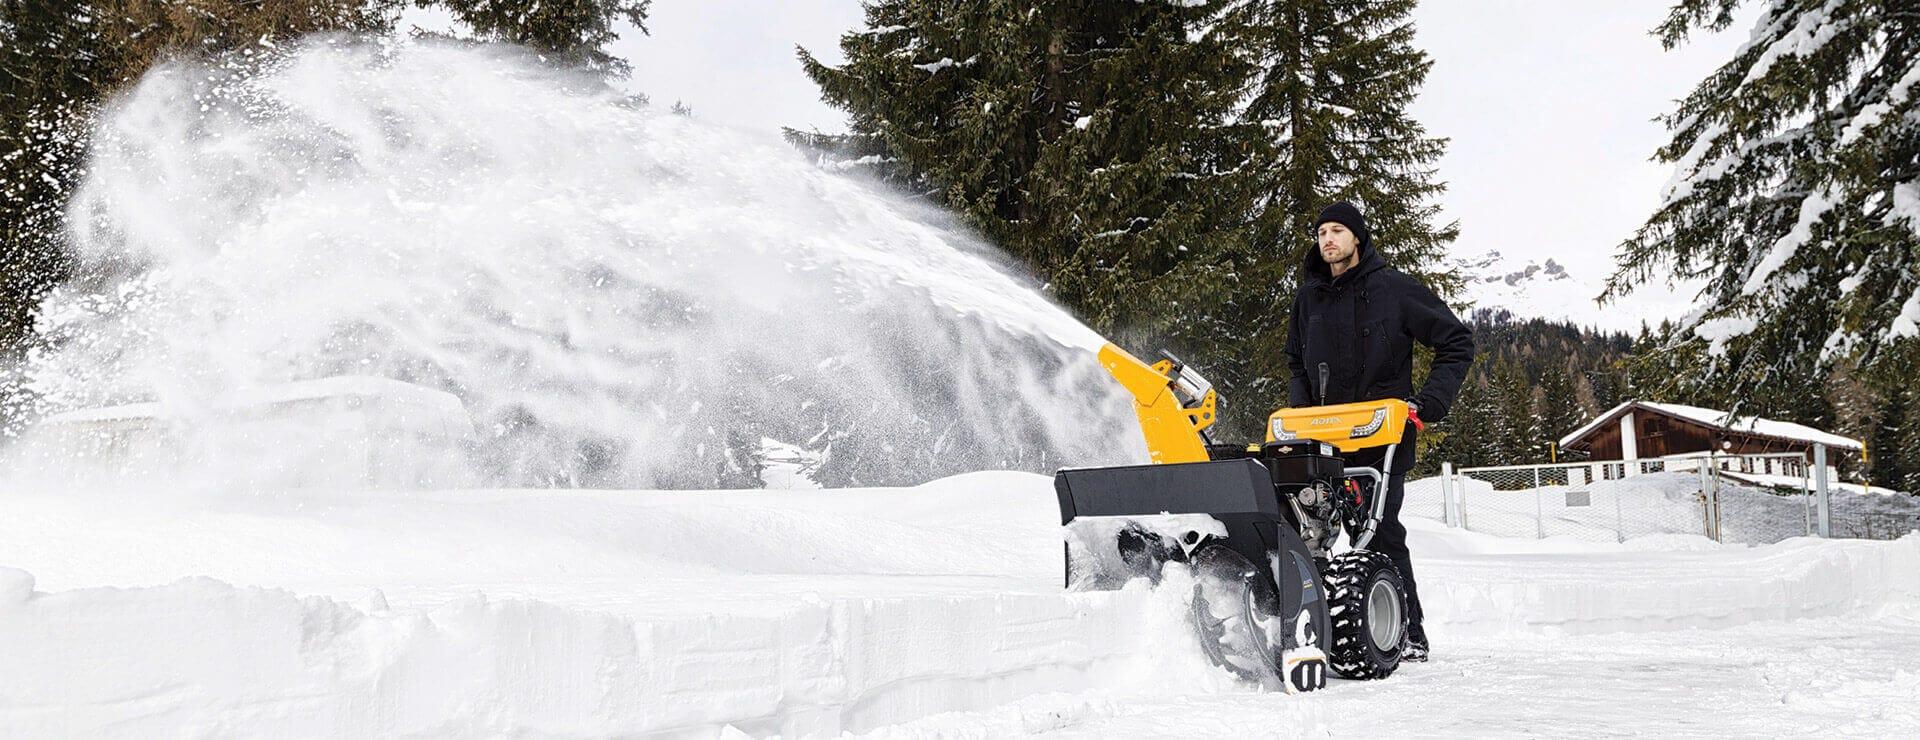 petrol snow